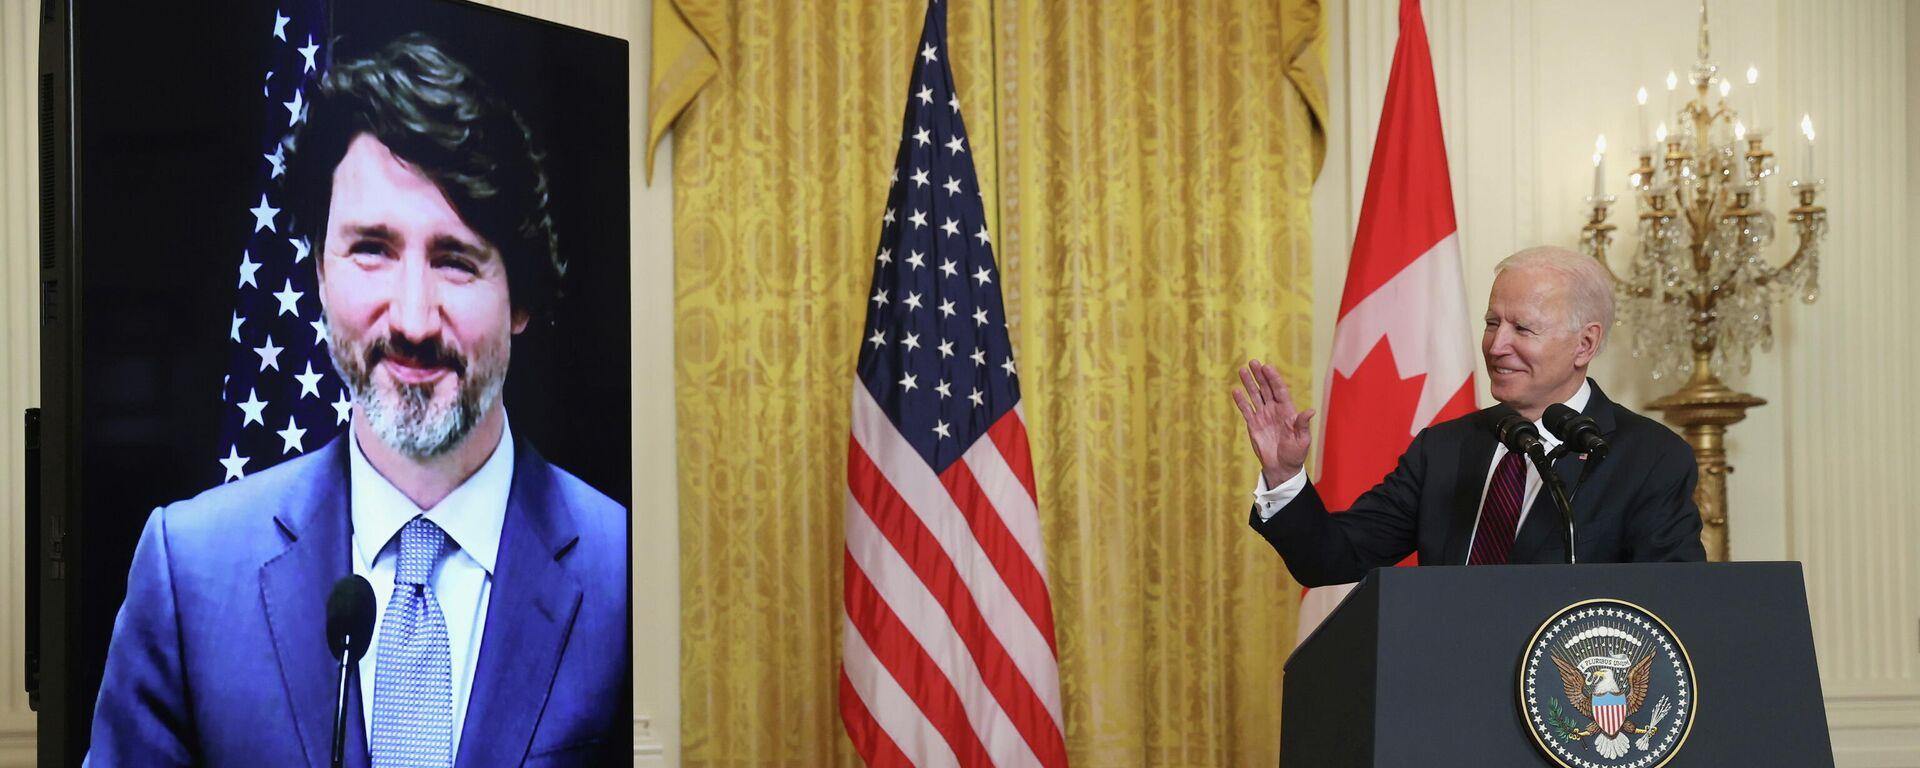 Reunión bilateral virtual entre Joe Biden y Justin Trudeau - Sputnik Mundo, 1920, 17.09.2021